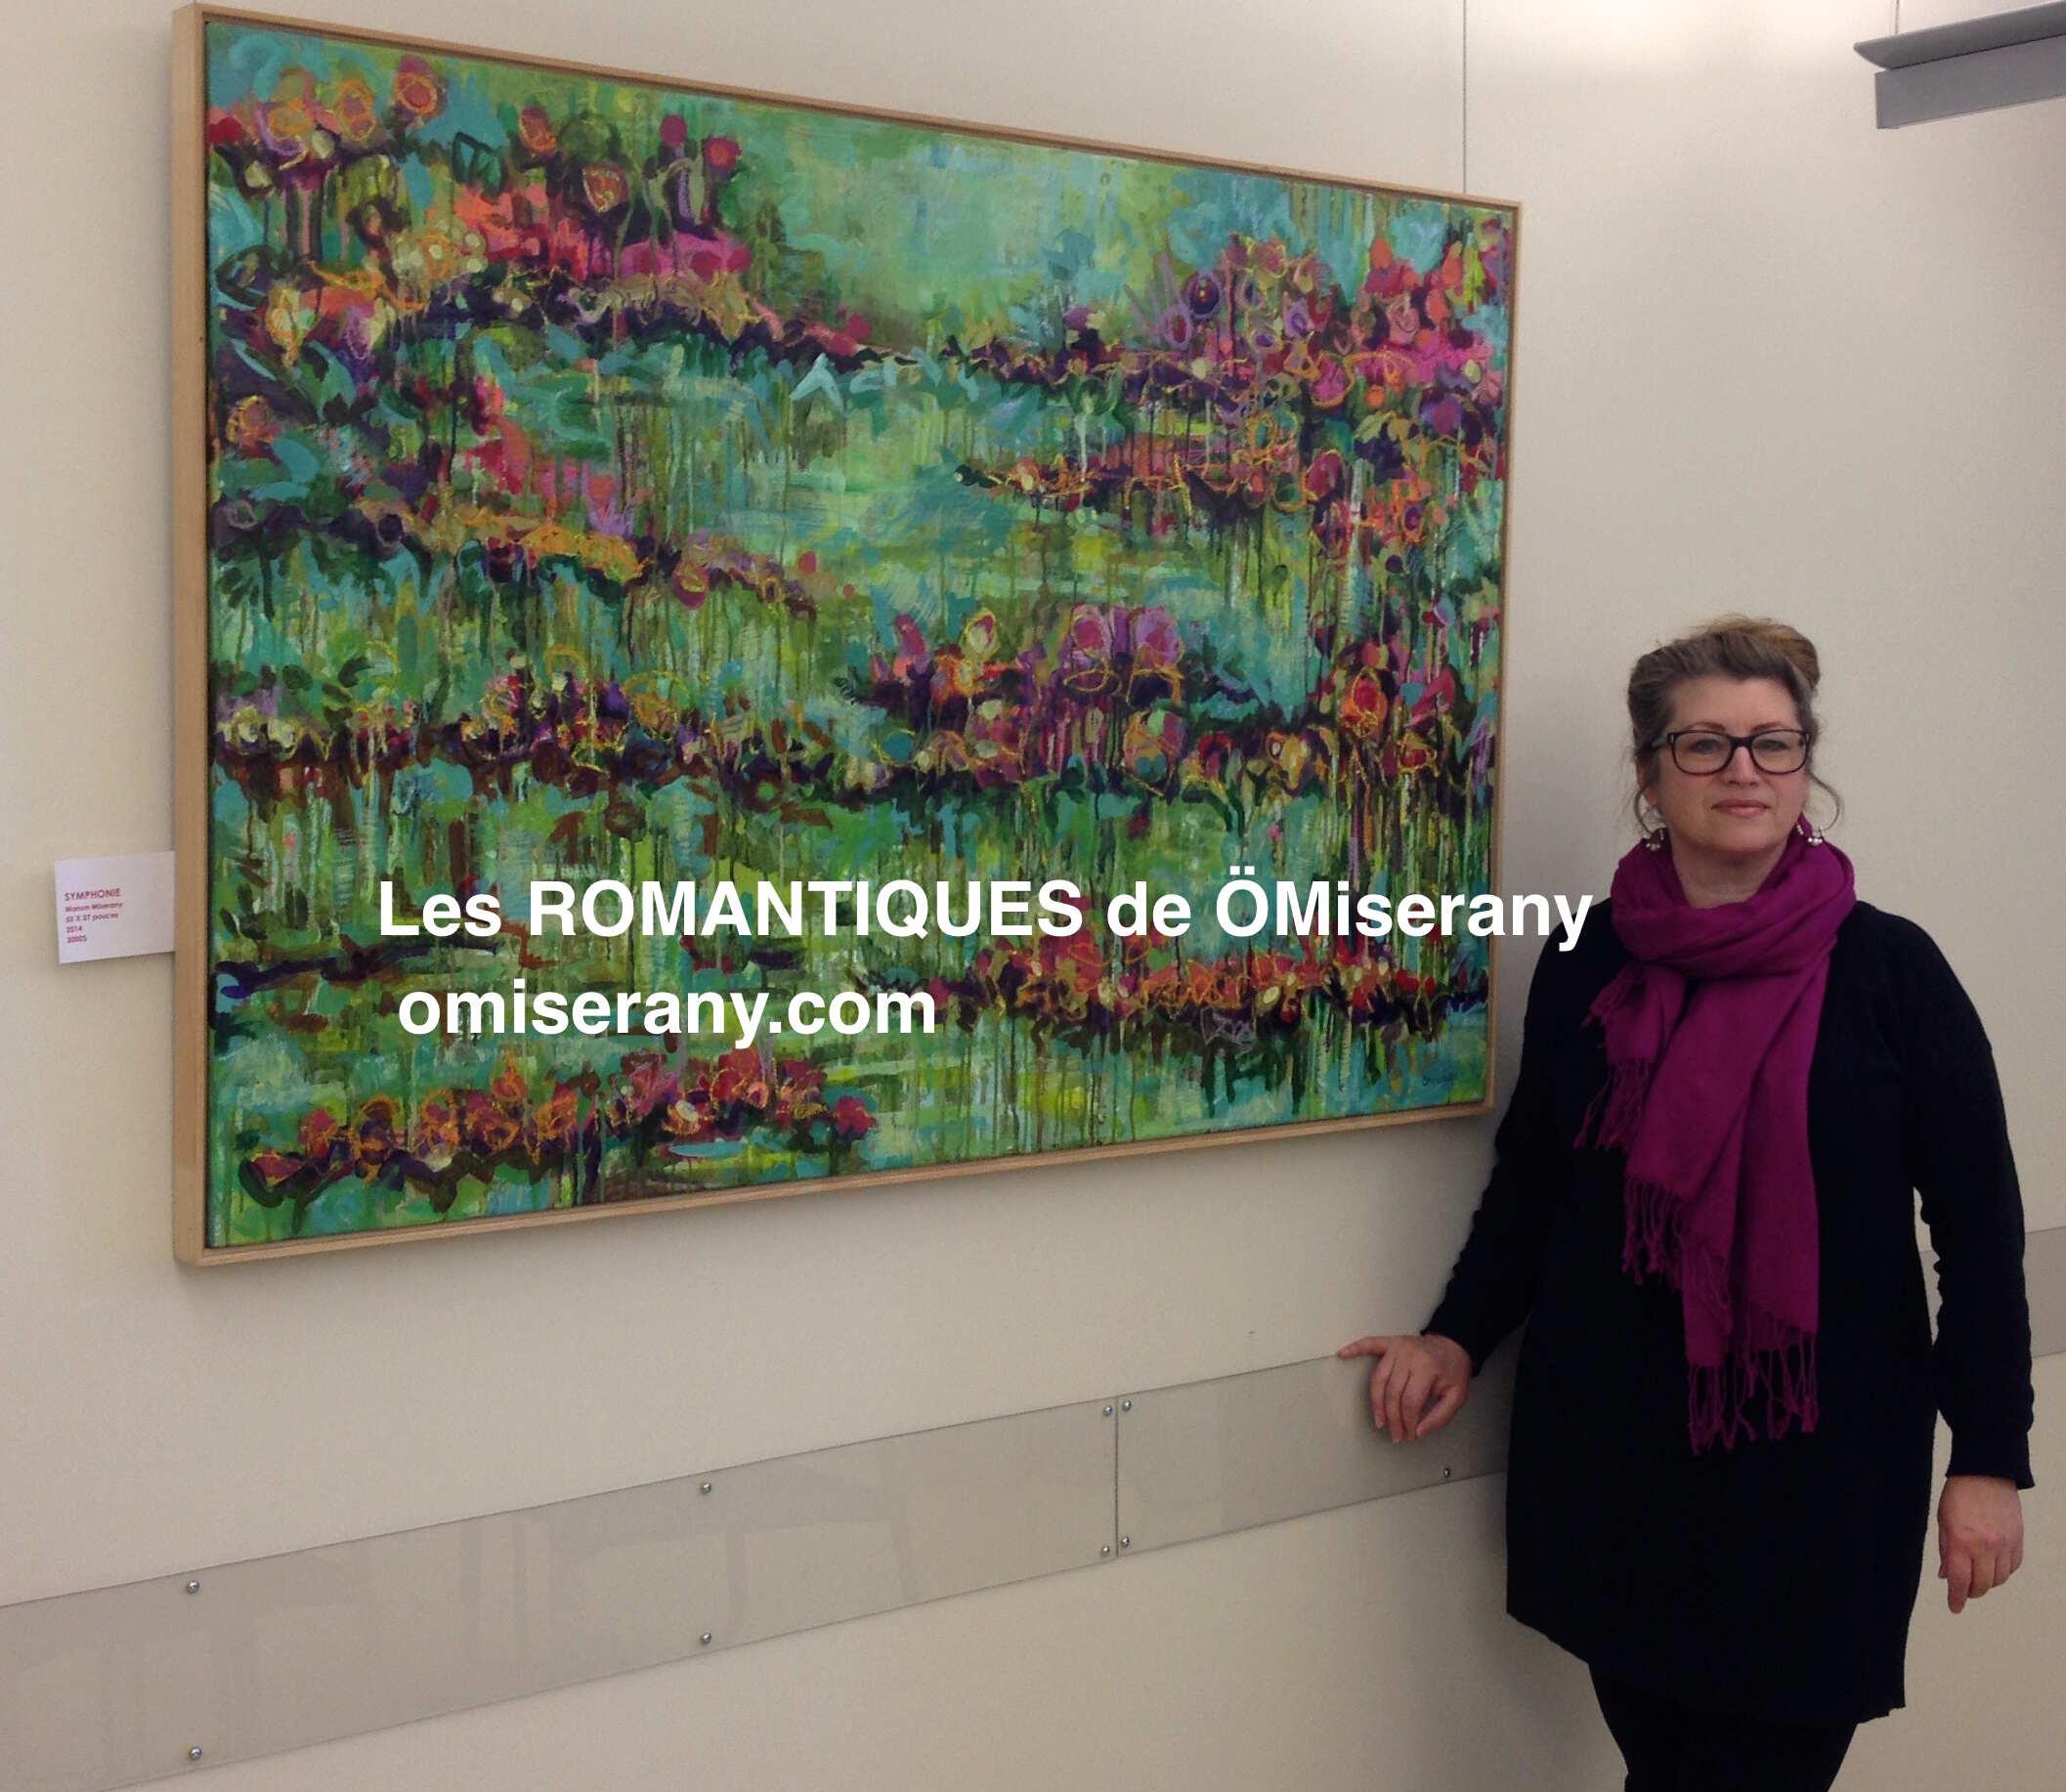 ÖMiserany avec symphonie 2014